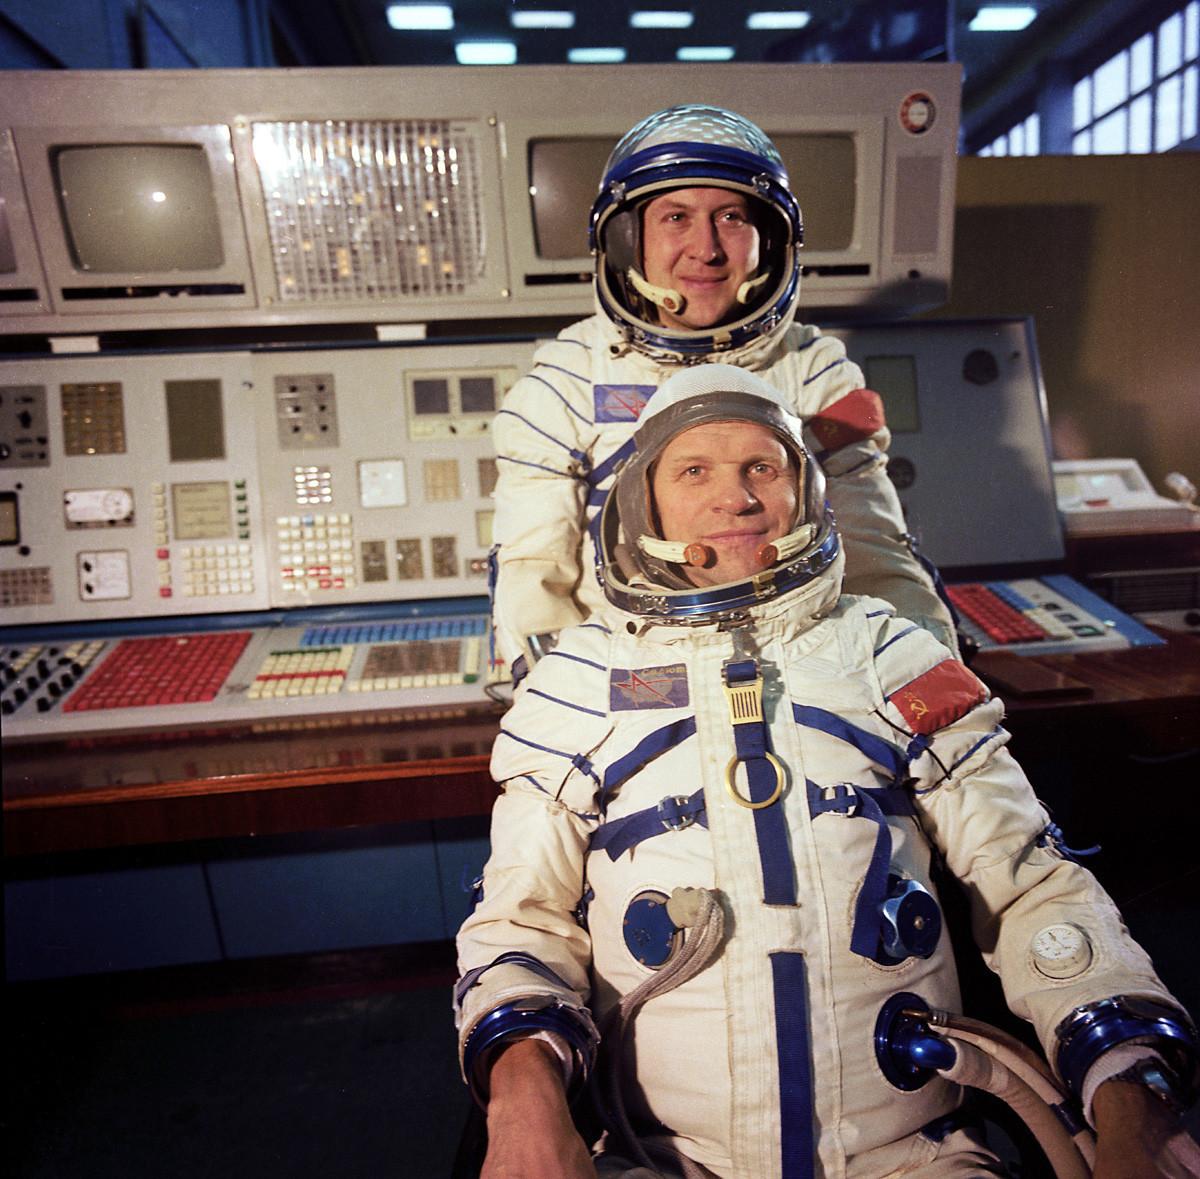 """Членовите на меѓународната космичка мисија """"Сојуз-28"""" – космонаутот-истражувач Владимир Ремек (Чехословачка) и советскиот космонаут Алексеј Губаред, командир на летот и херој на Советскиот Сојуз во Центарот за обука на космонаути """"Гагарин"""". """"Сојуз-28"""" е лансиран на 2 март 1978 година."""